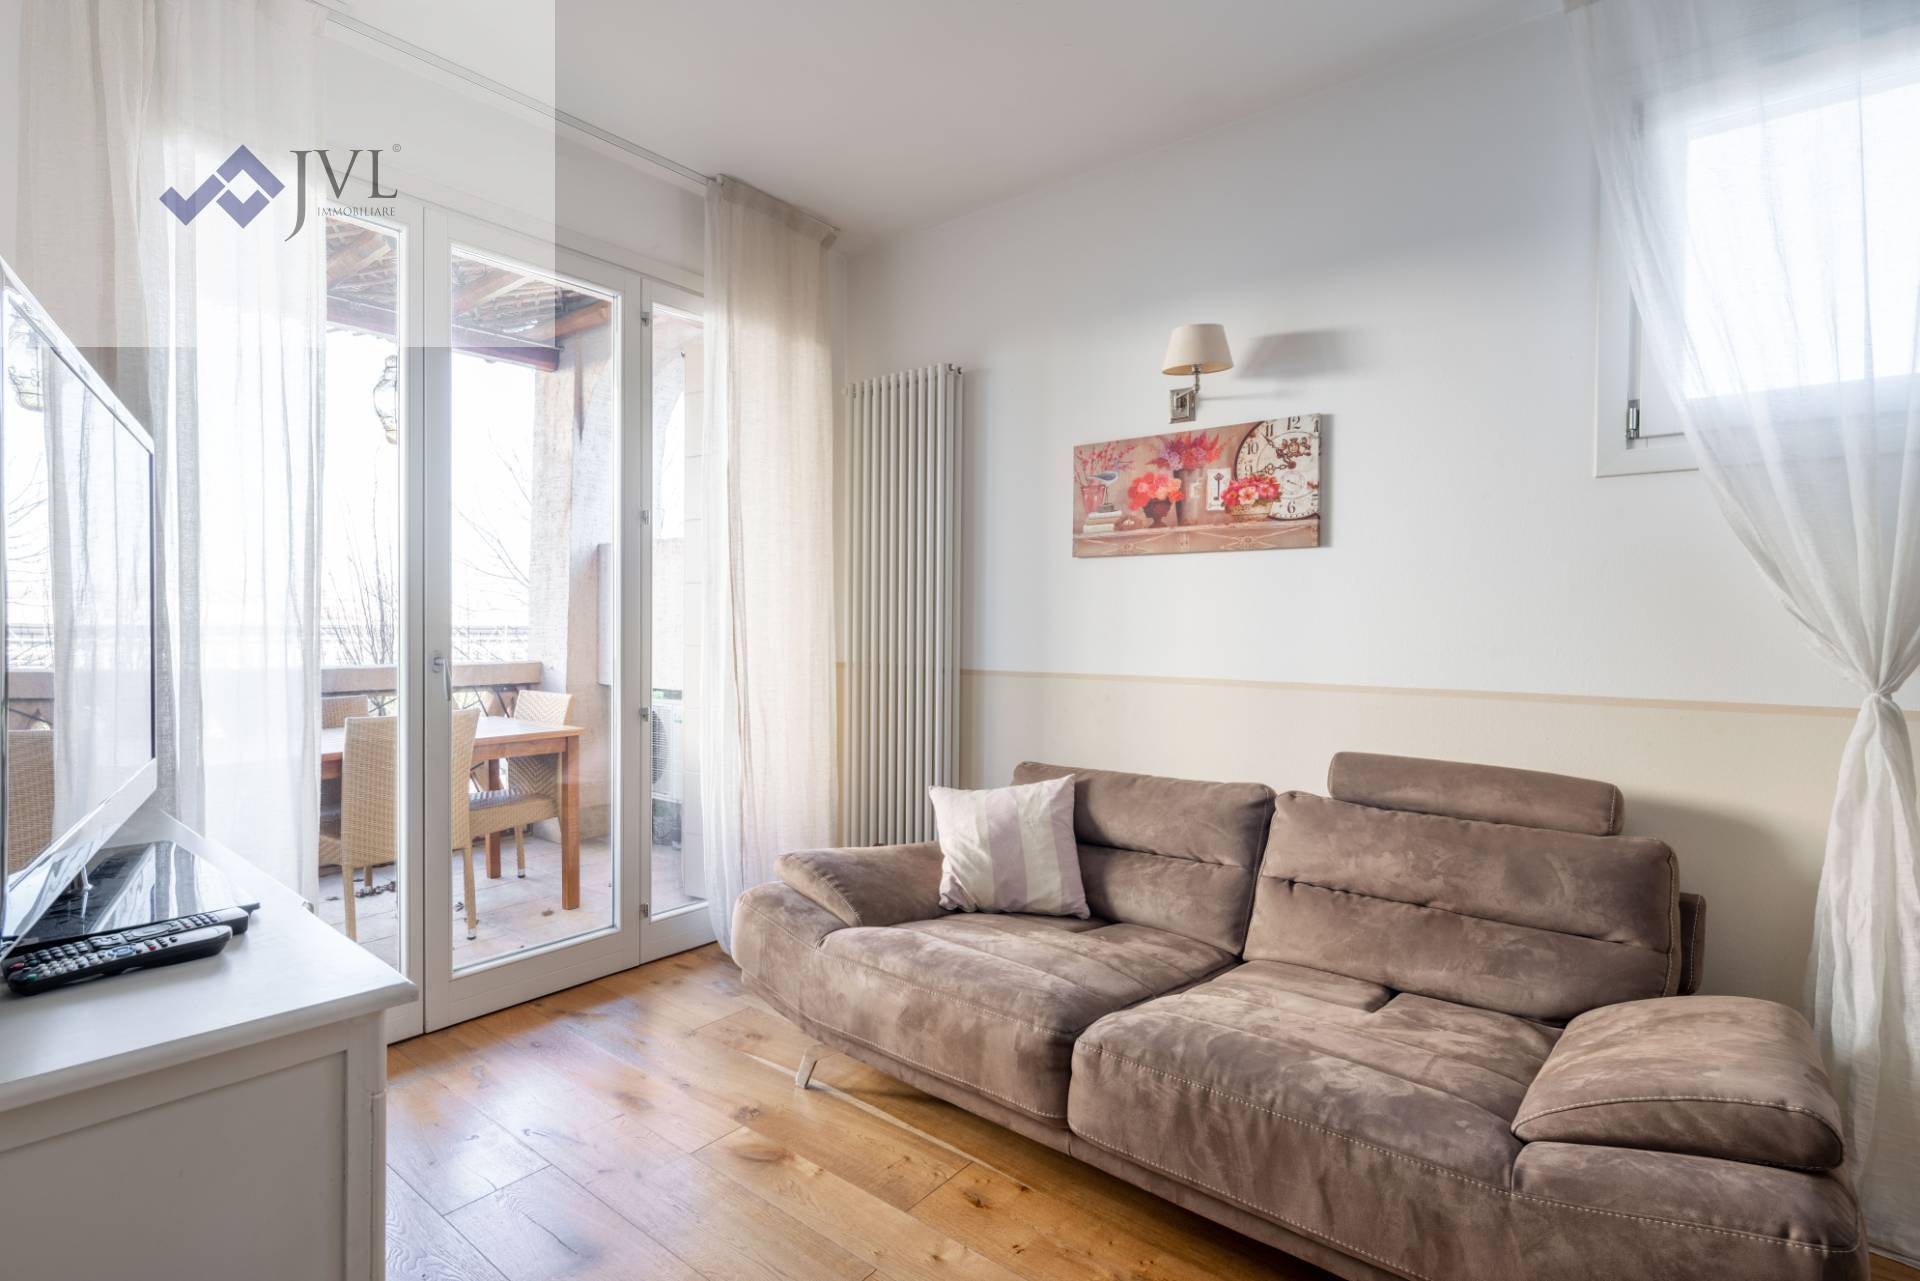 Appartamento in affitto a Jesolo, 3 locali, zona Località: LidodiJesolo, Trattative riservate | CambioCasa.it